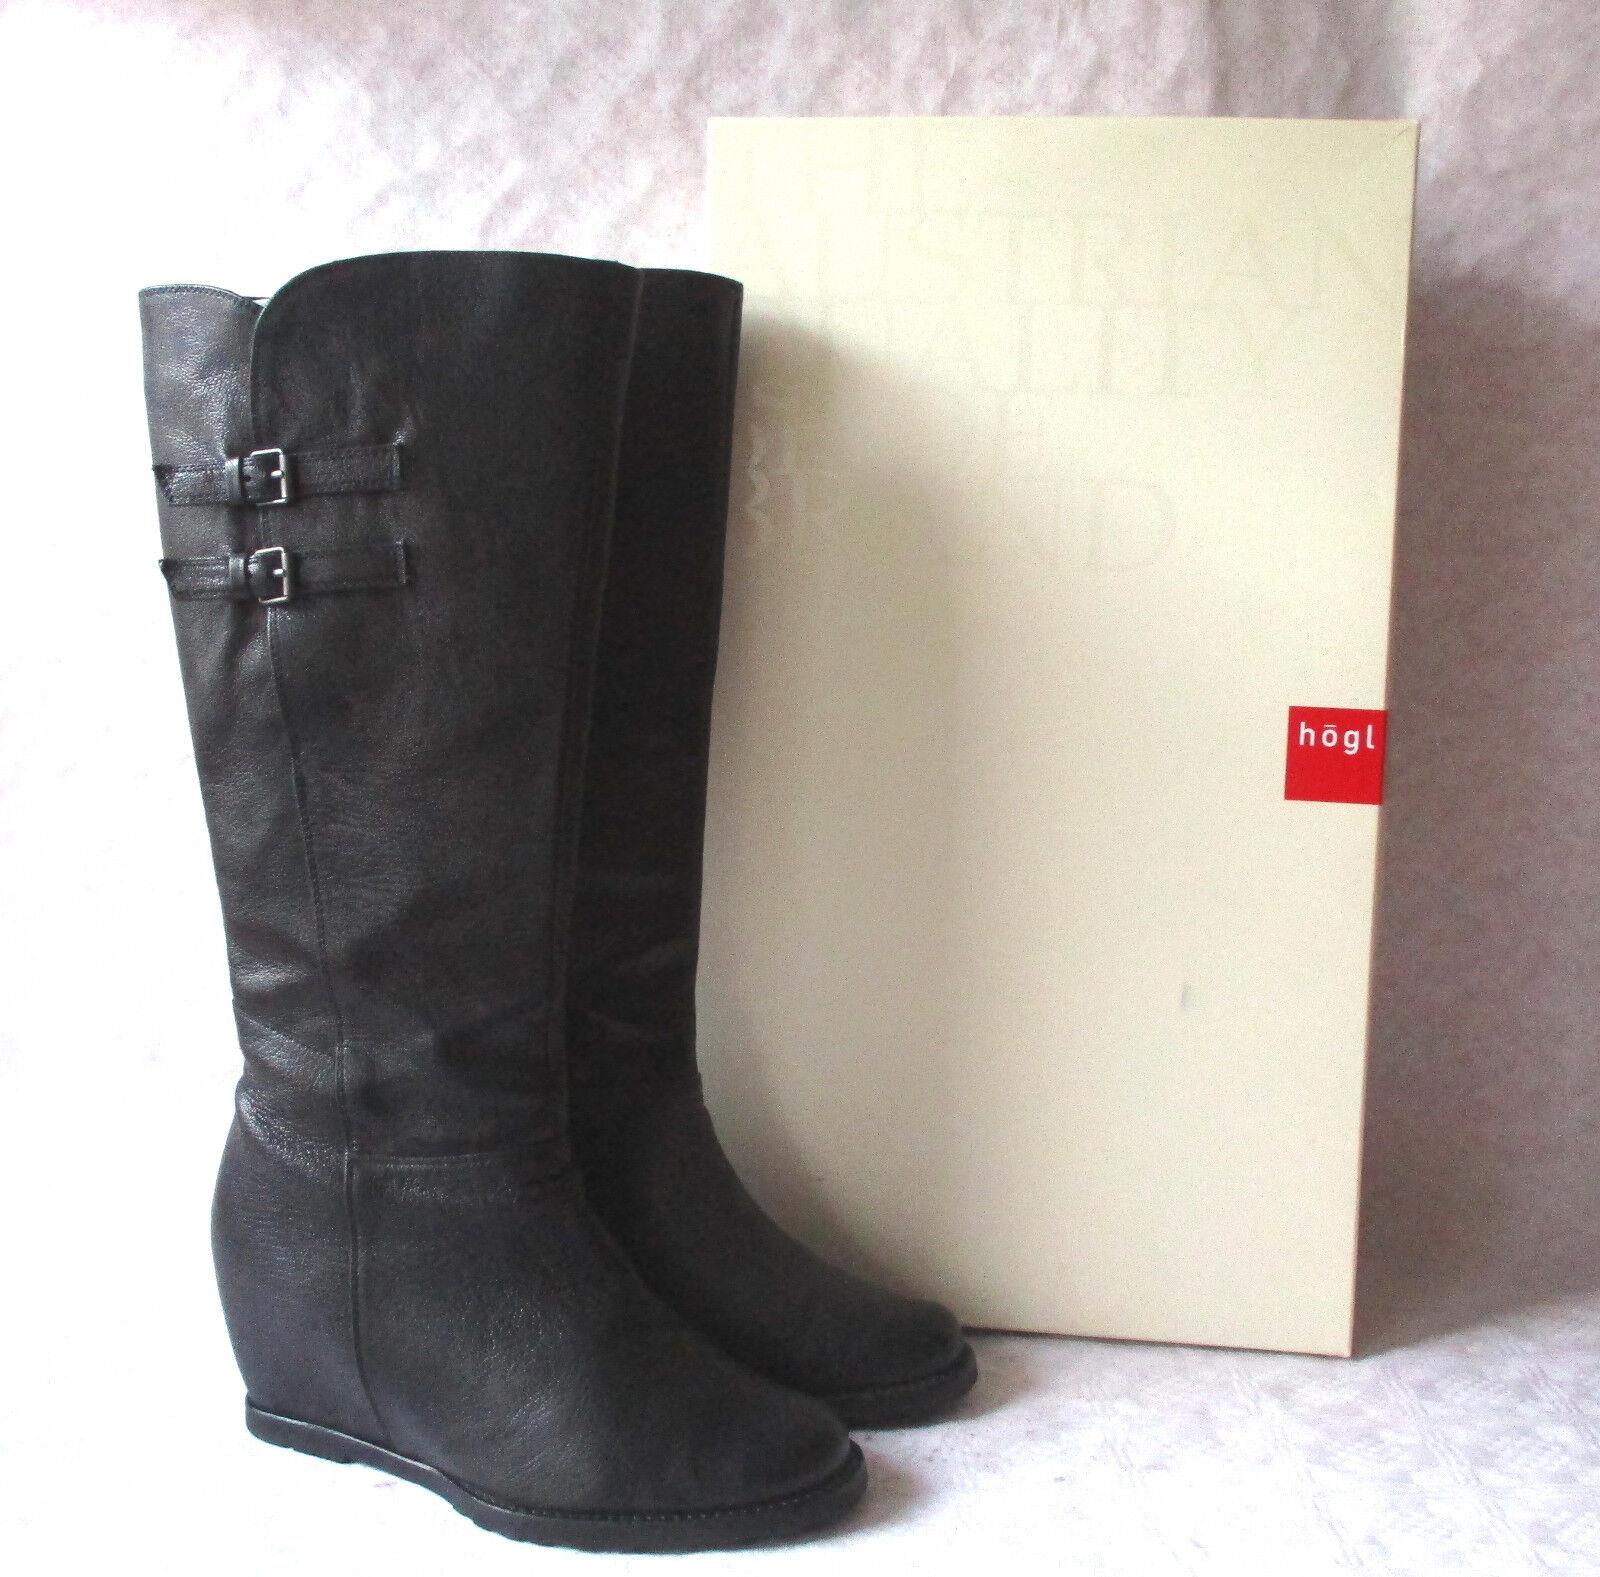 HÖGL schwarze Leder Stiefel Weges Velourfutter Gr.41 wenige Male getragen